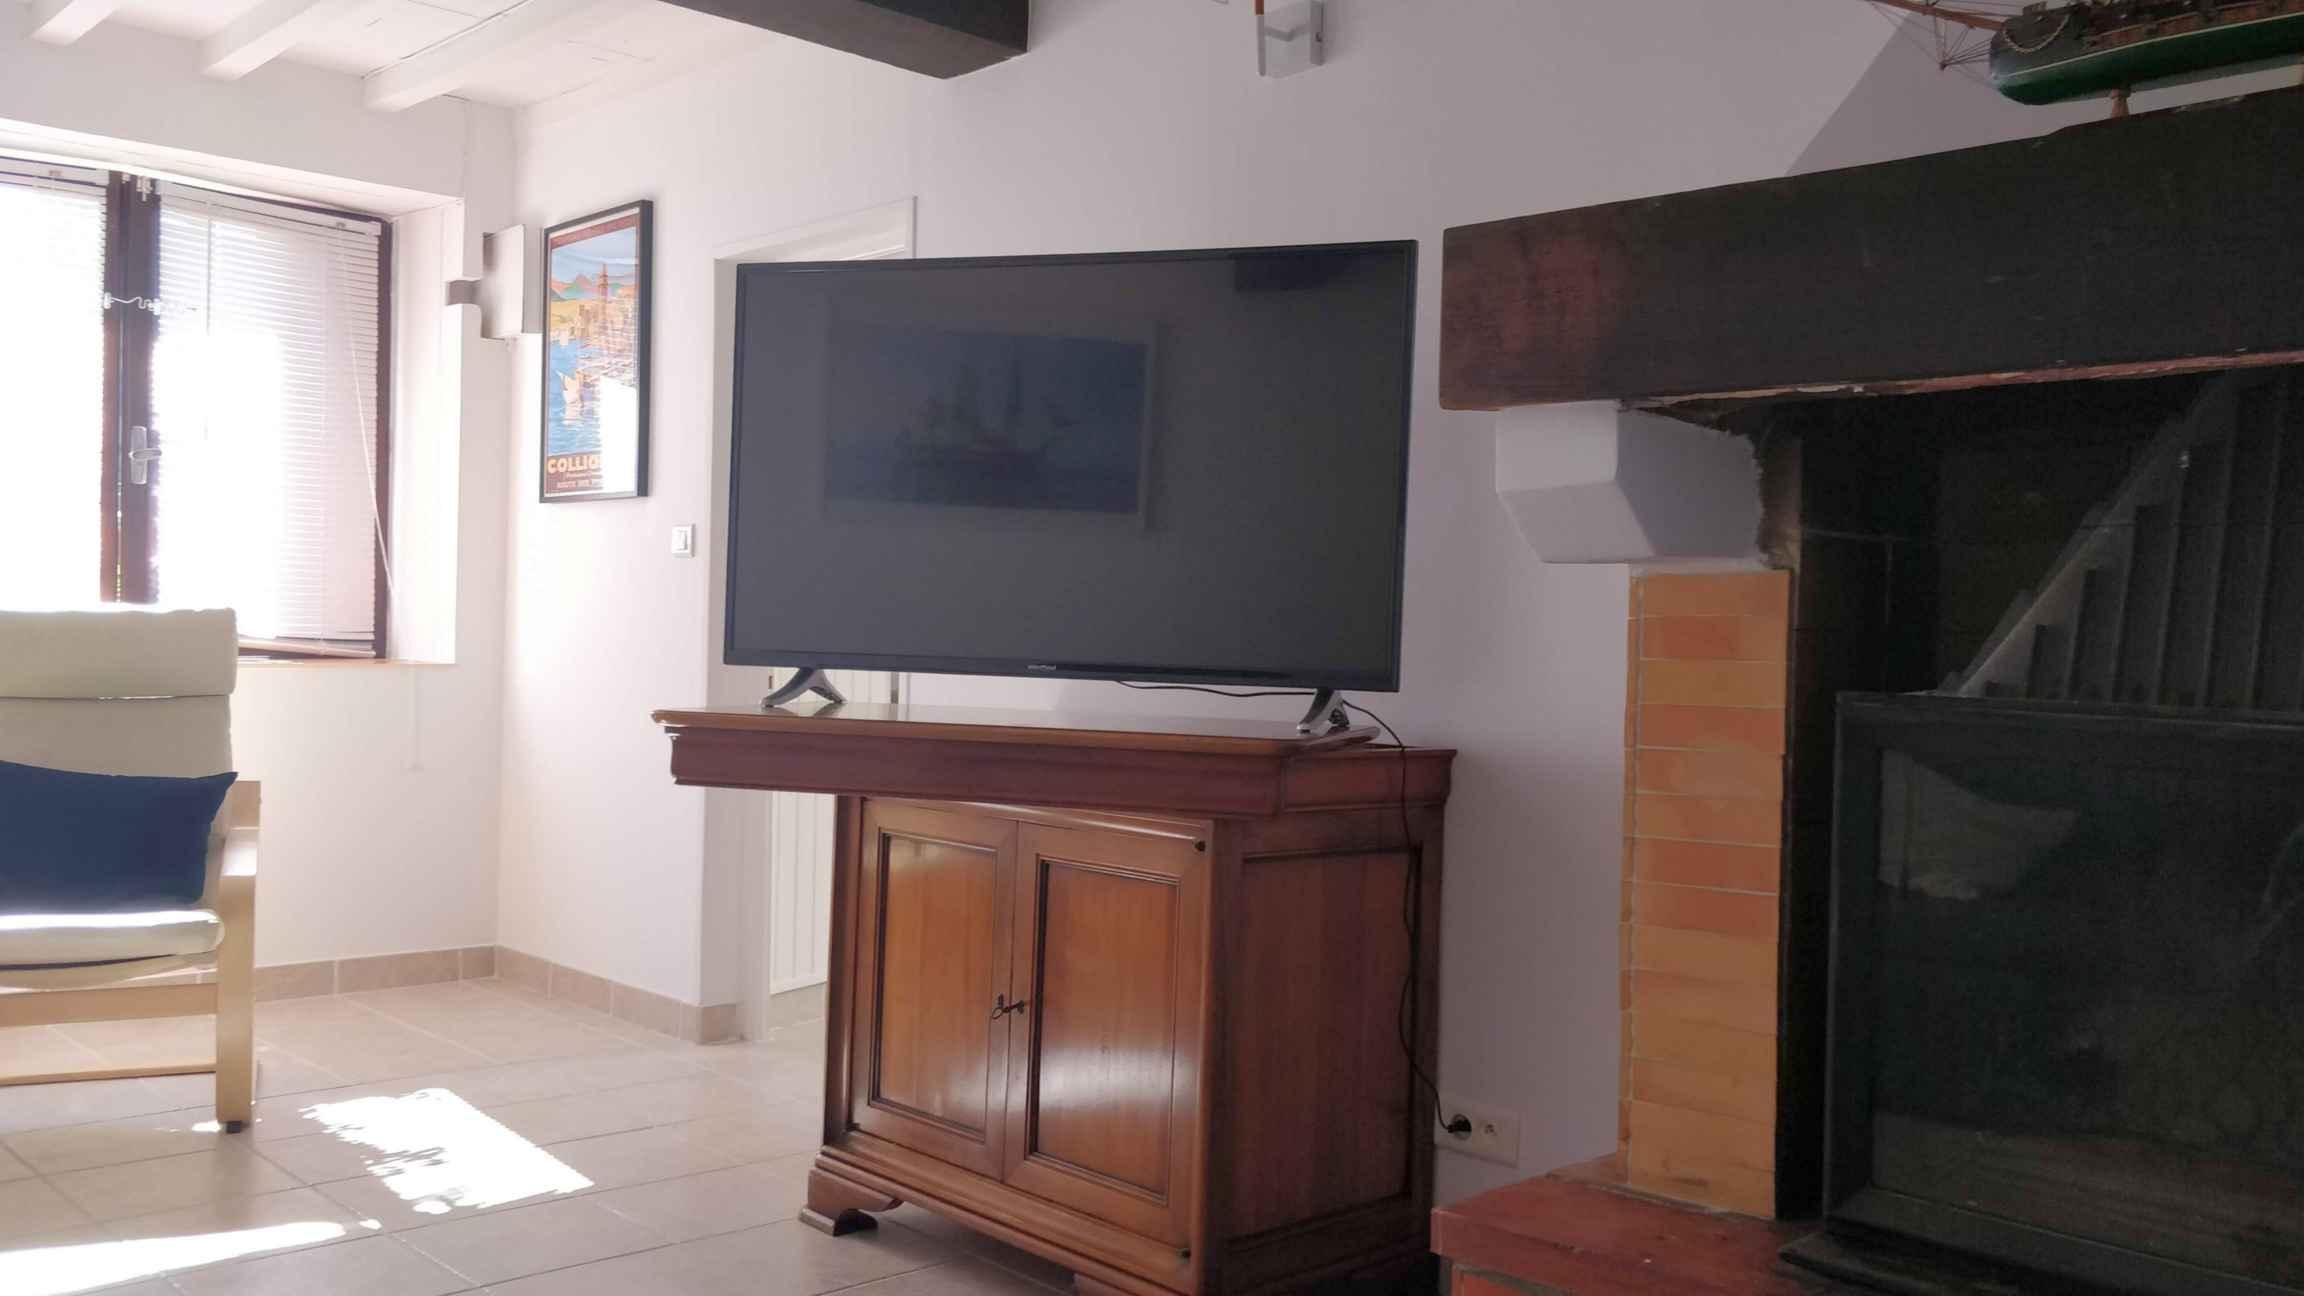 Grande TV avec Chromecast